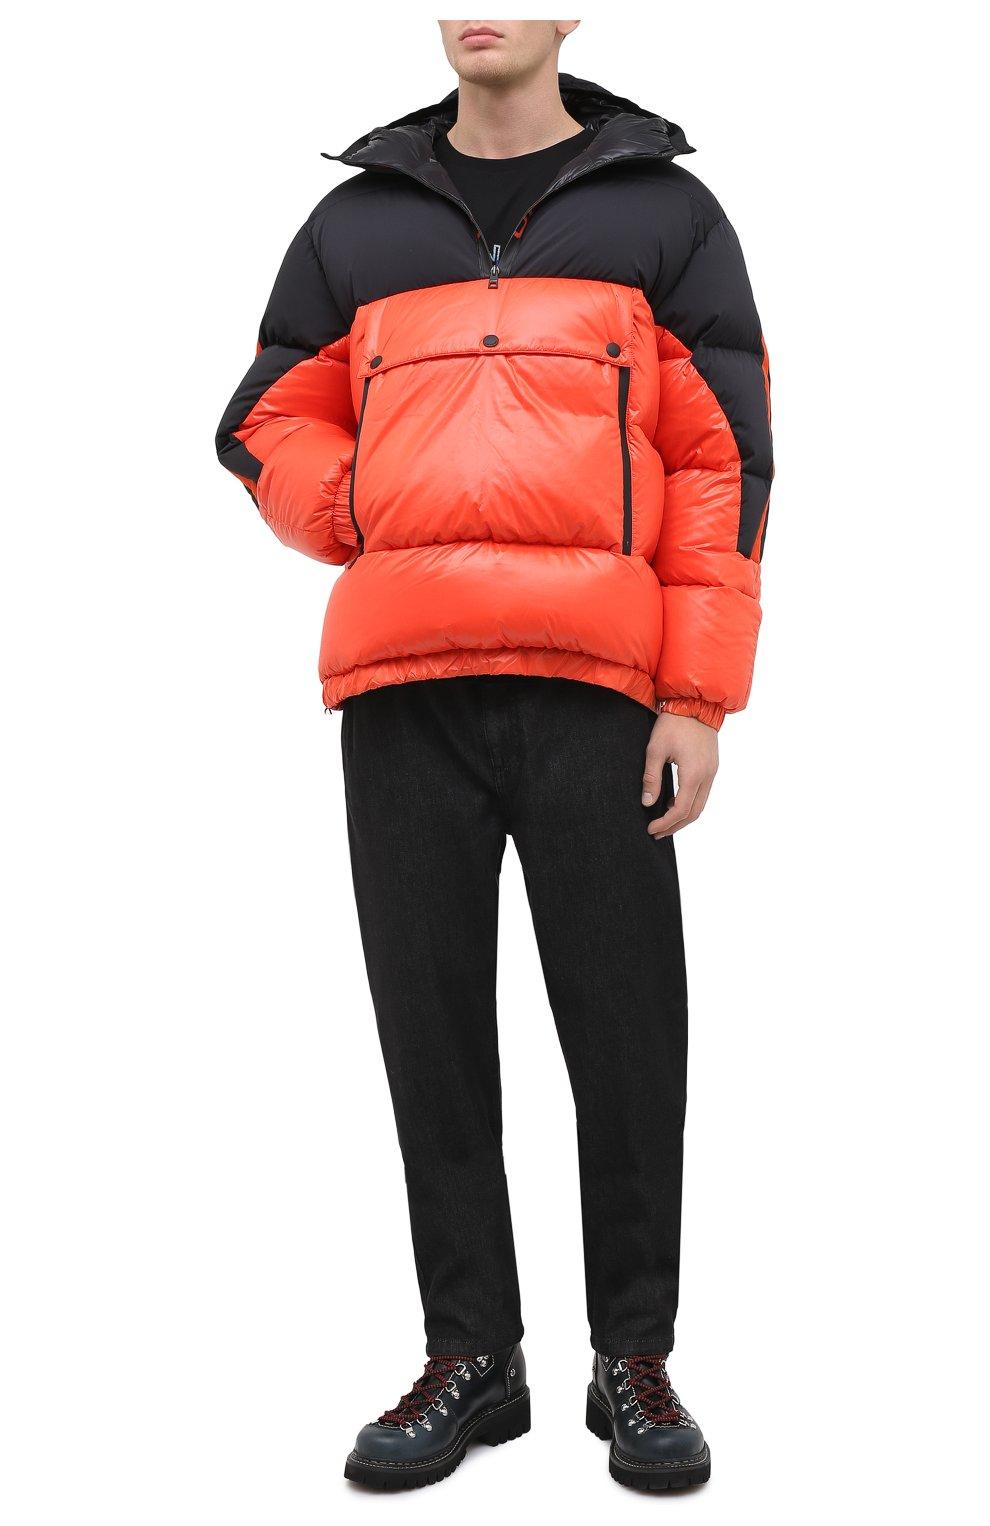 Мужская пуховая куртка UPTOBE красного цвета, арт. UPW0/BALTIM0RA   Фото 2 (Кросс-КТ: Куртка, Пуховик; Мужское Кросс-КТ: пуховик-короткий, Пуховик-верхняя одежда, Верхняя одежда; Рукава: Длинные; Материал внешний: Синтетический материал; Стили: Гранж; Материал подклада: Синтетический материал; Длина (верхняя одежда): Короткие; Материал утеплителя: Пух и перо)